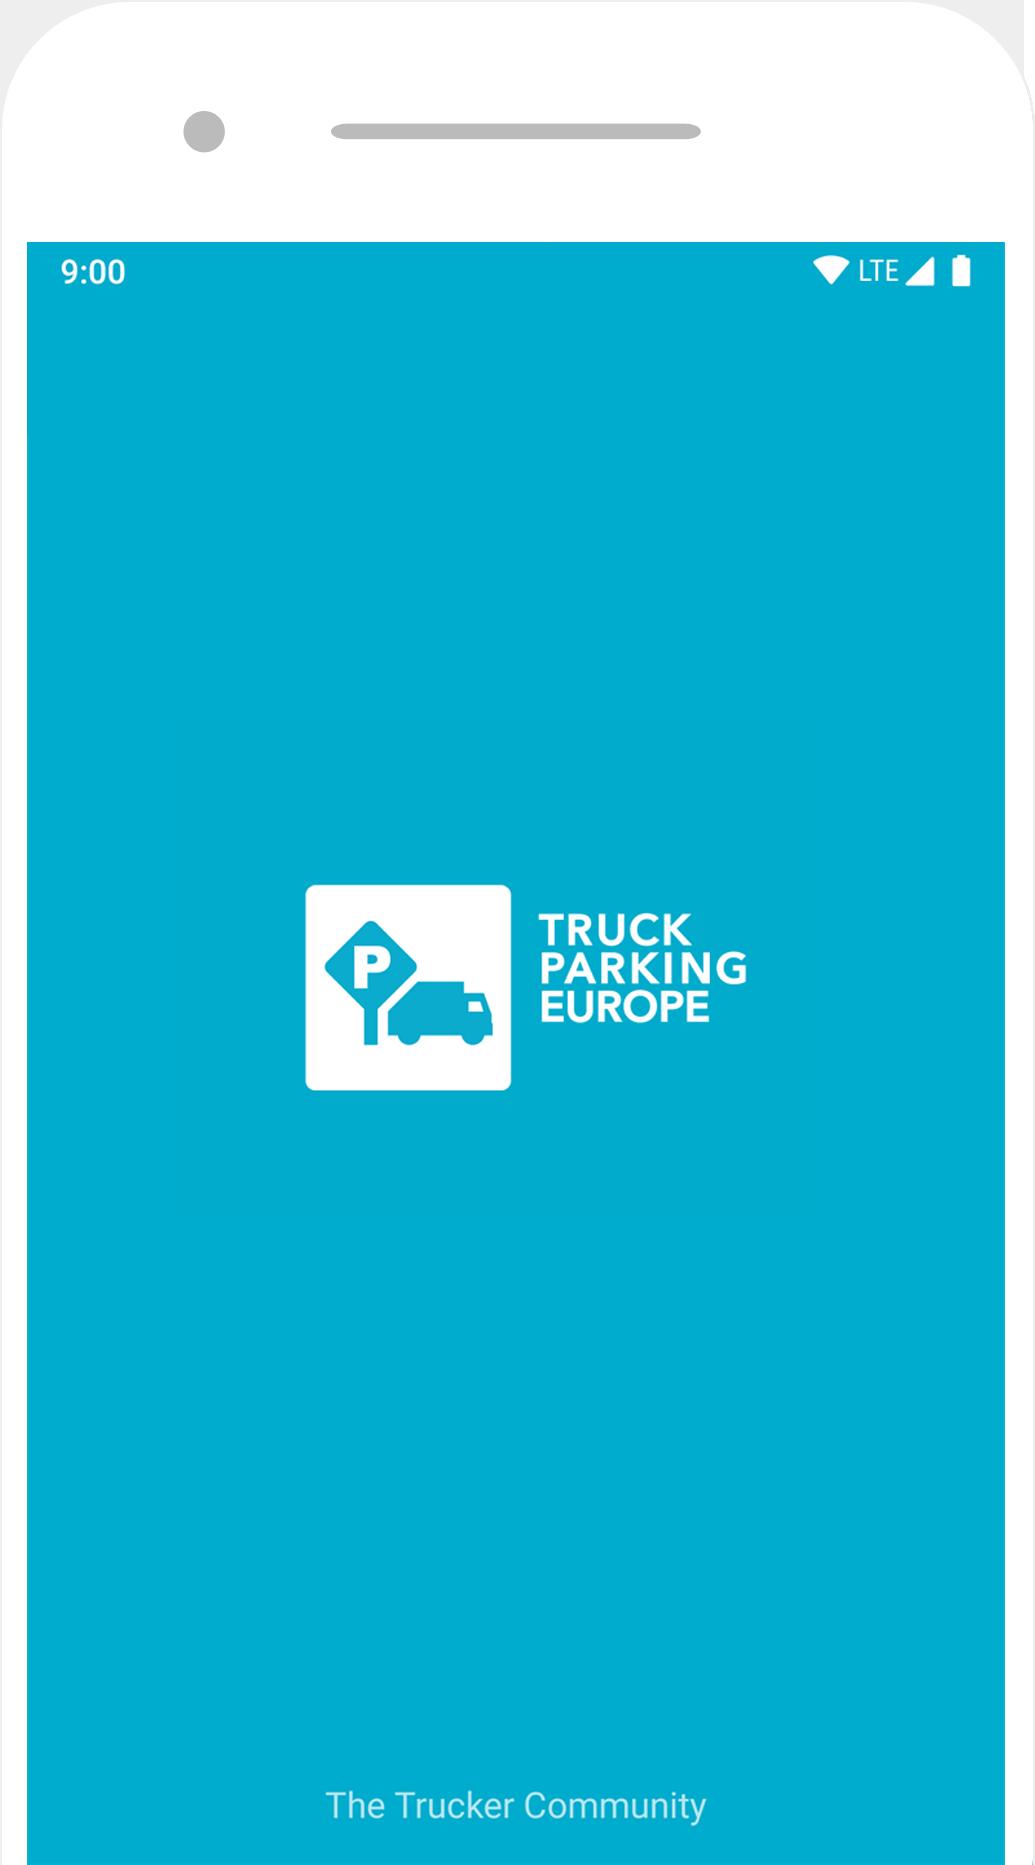 Afbeelding Truck Parking Europe app voor vrachtwagenchauffeur en parkeerplaatsen